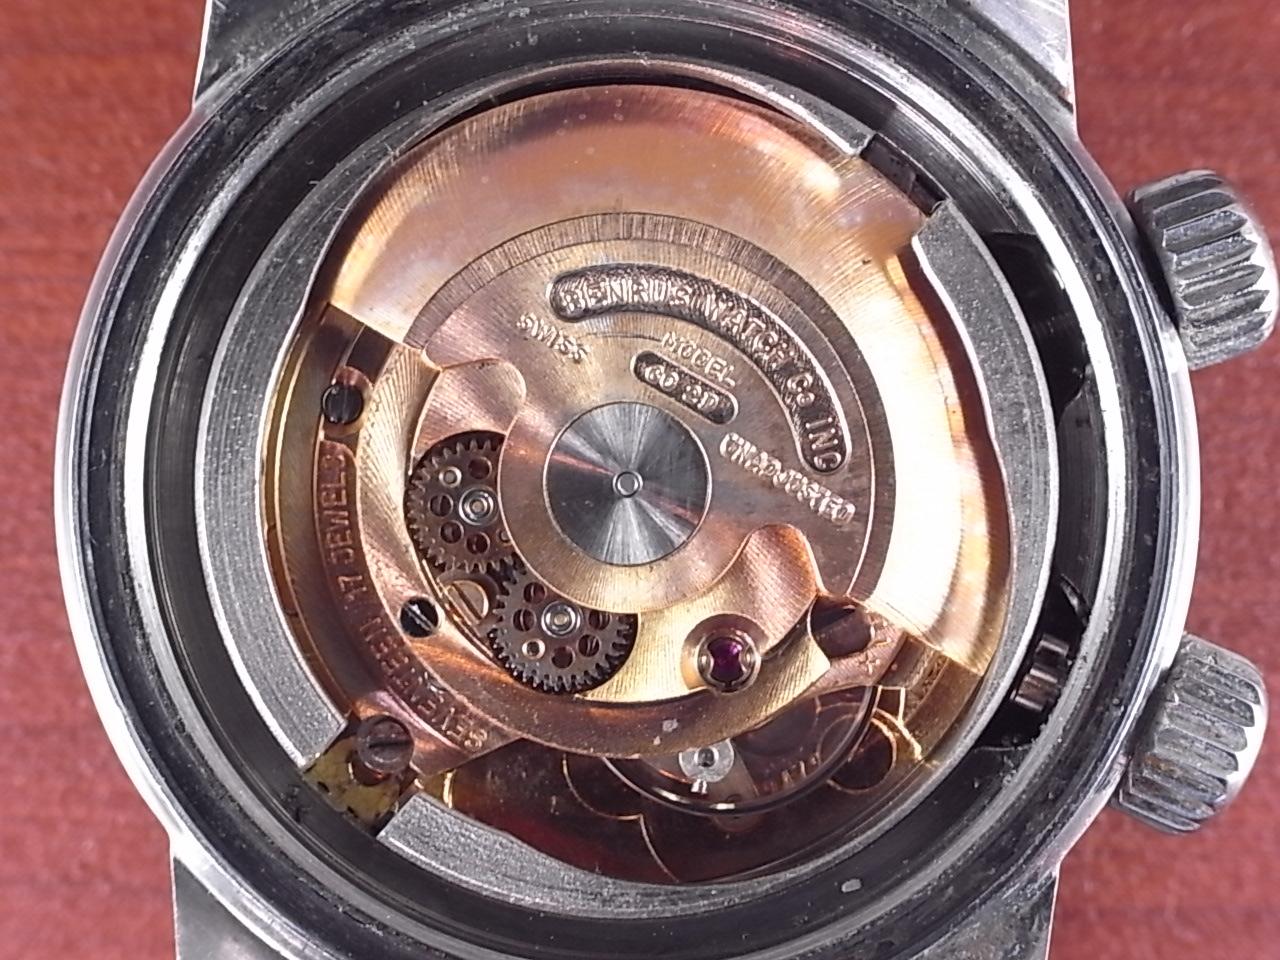 ベンラス ウルトラディープ スーパーコンプレッサー 1960年代の写真5枚目